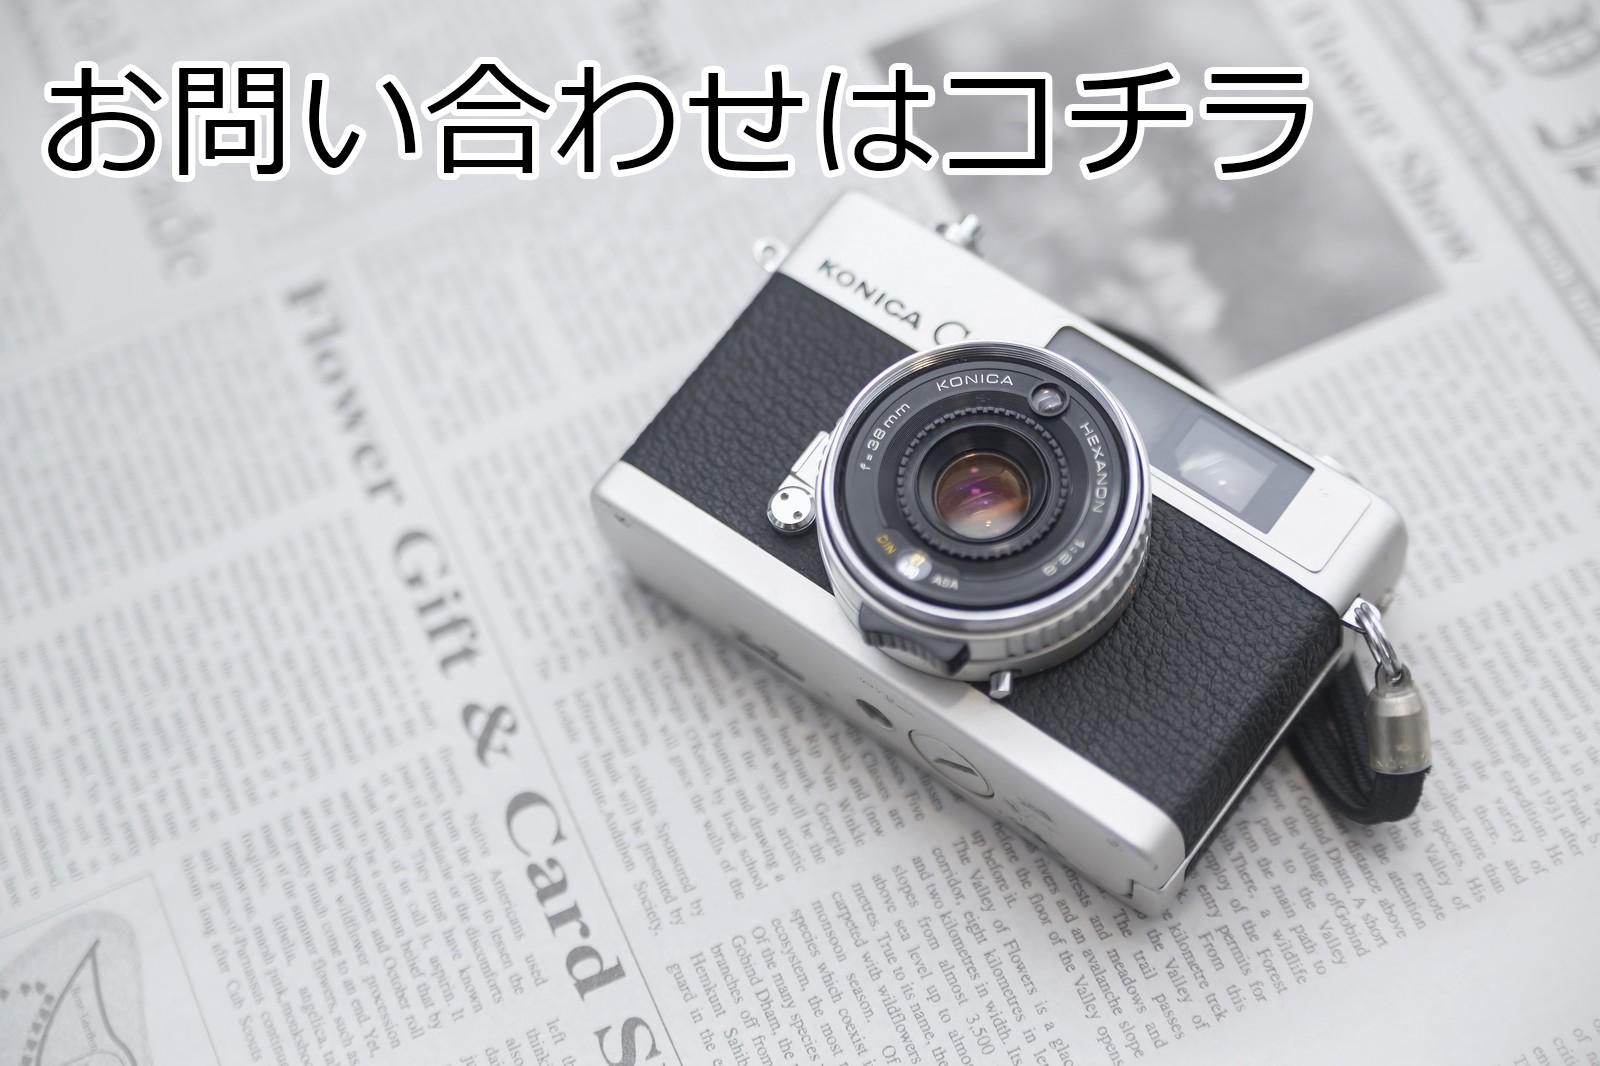 カメラ講座初級編 カメラの基礎を知ろう。オートを卒表!マニュアルを1から徹底解説